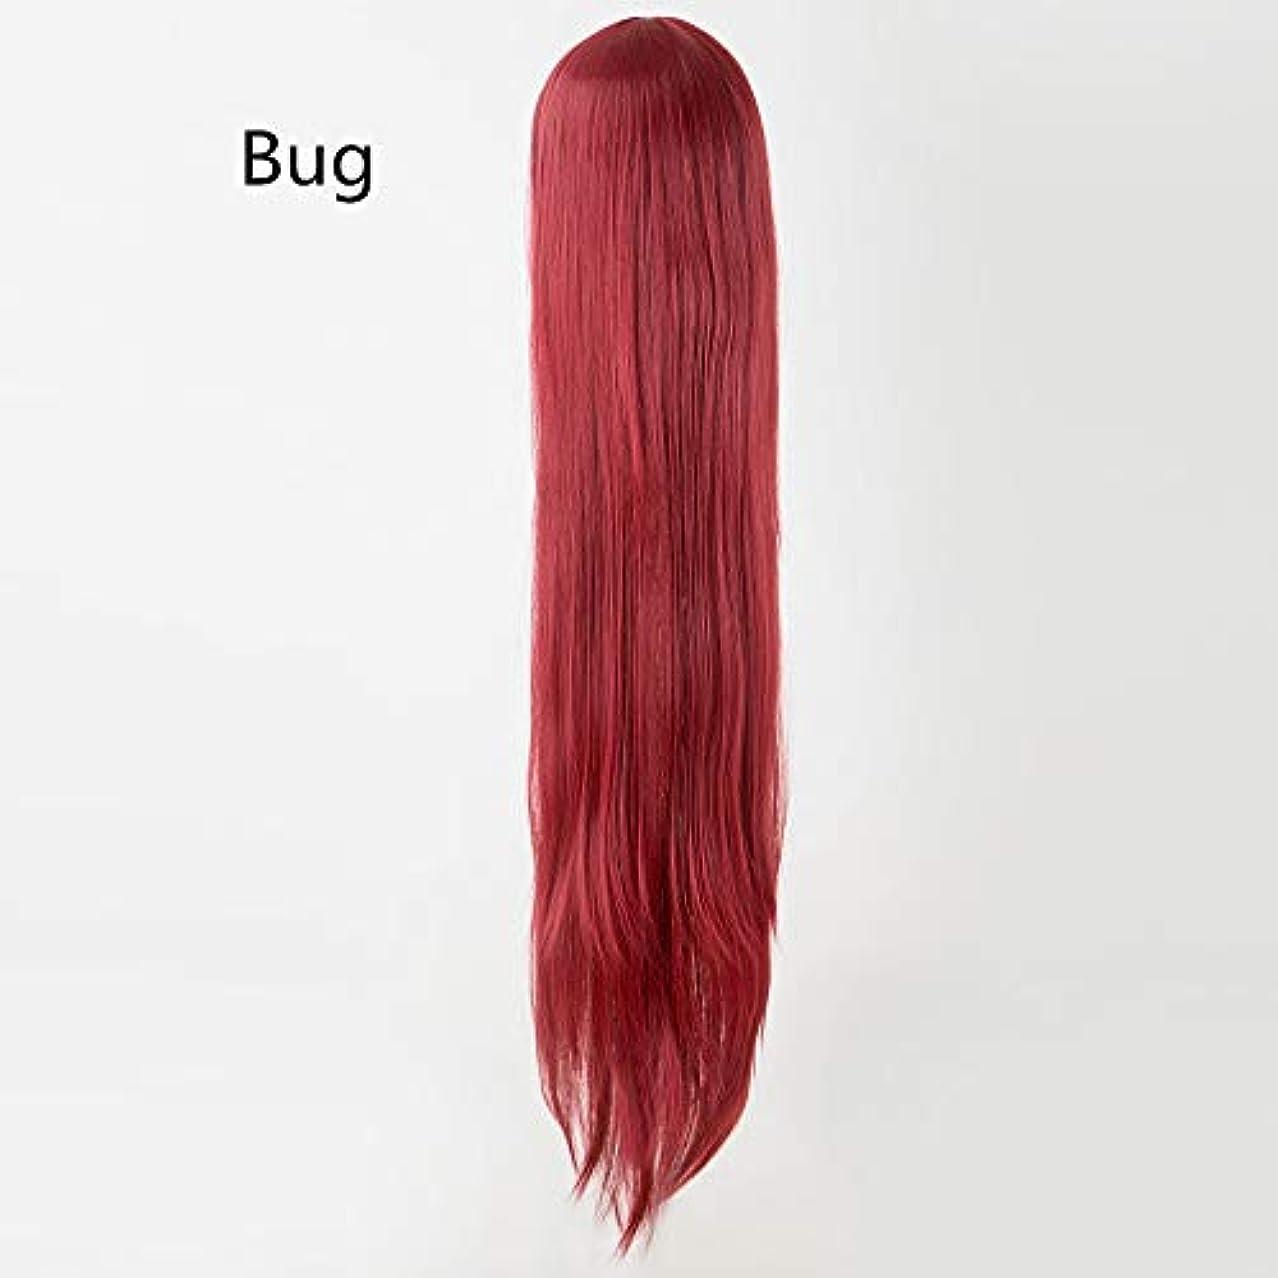 今晩甘美な属するBeTTi 黒かつら100センチ/ 40インチ合成耐熱繊維ロングハロウィーンカーニバル衣装コスプレストレート女性の髪 (Color : Bug, Stretched Length : 38inches)